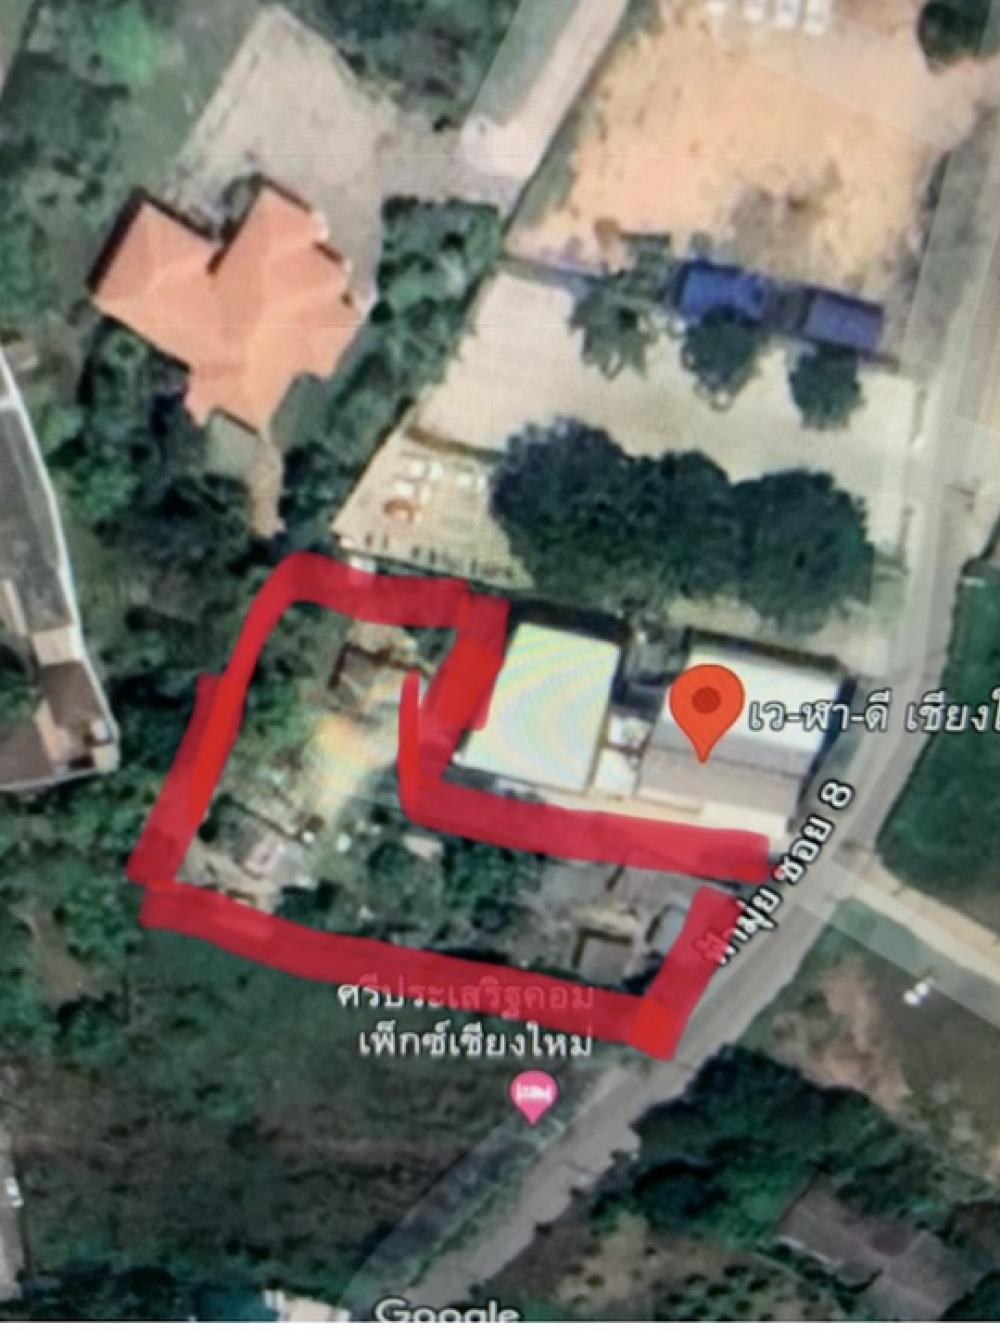 เช่าที่ดินเชียงใหม่ : ที่ดินเปล่าให้เช่า (1-1-94 ไร่) ฟ้ามุ่ยซอย 8 ติดร้านอาหาร เว ฬา ดี